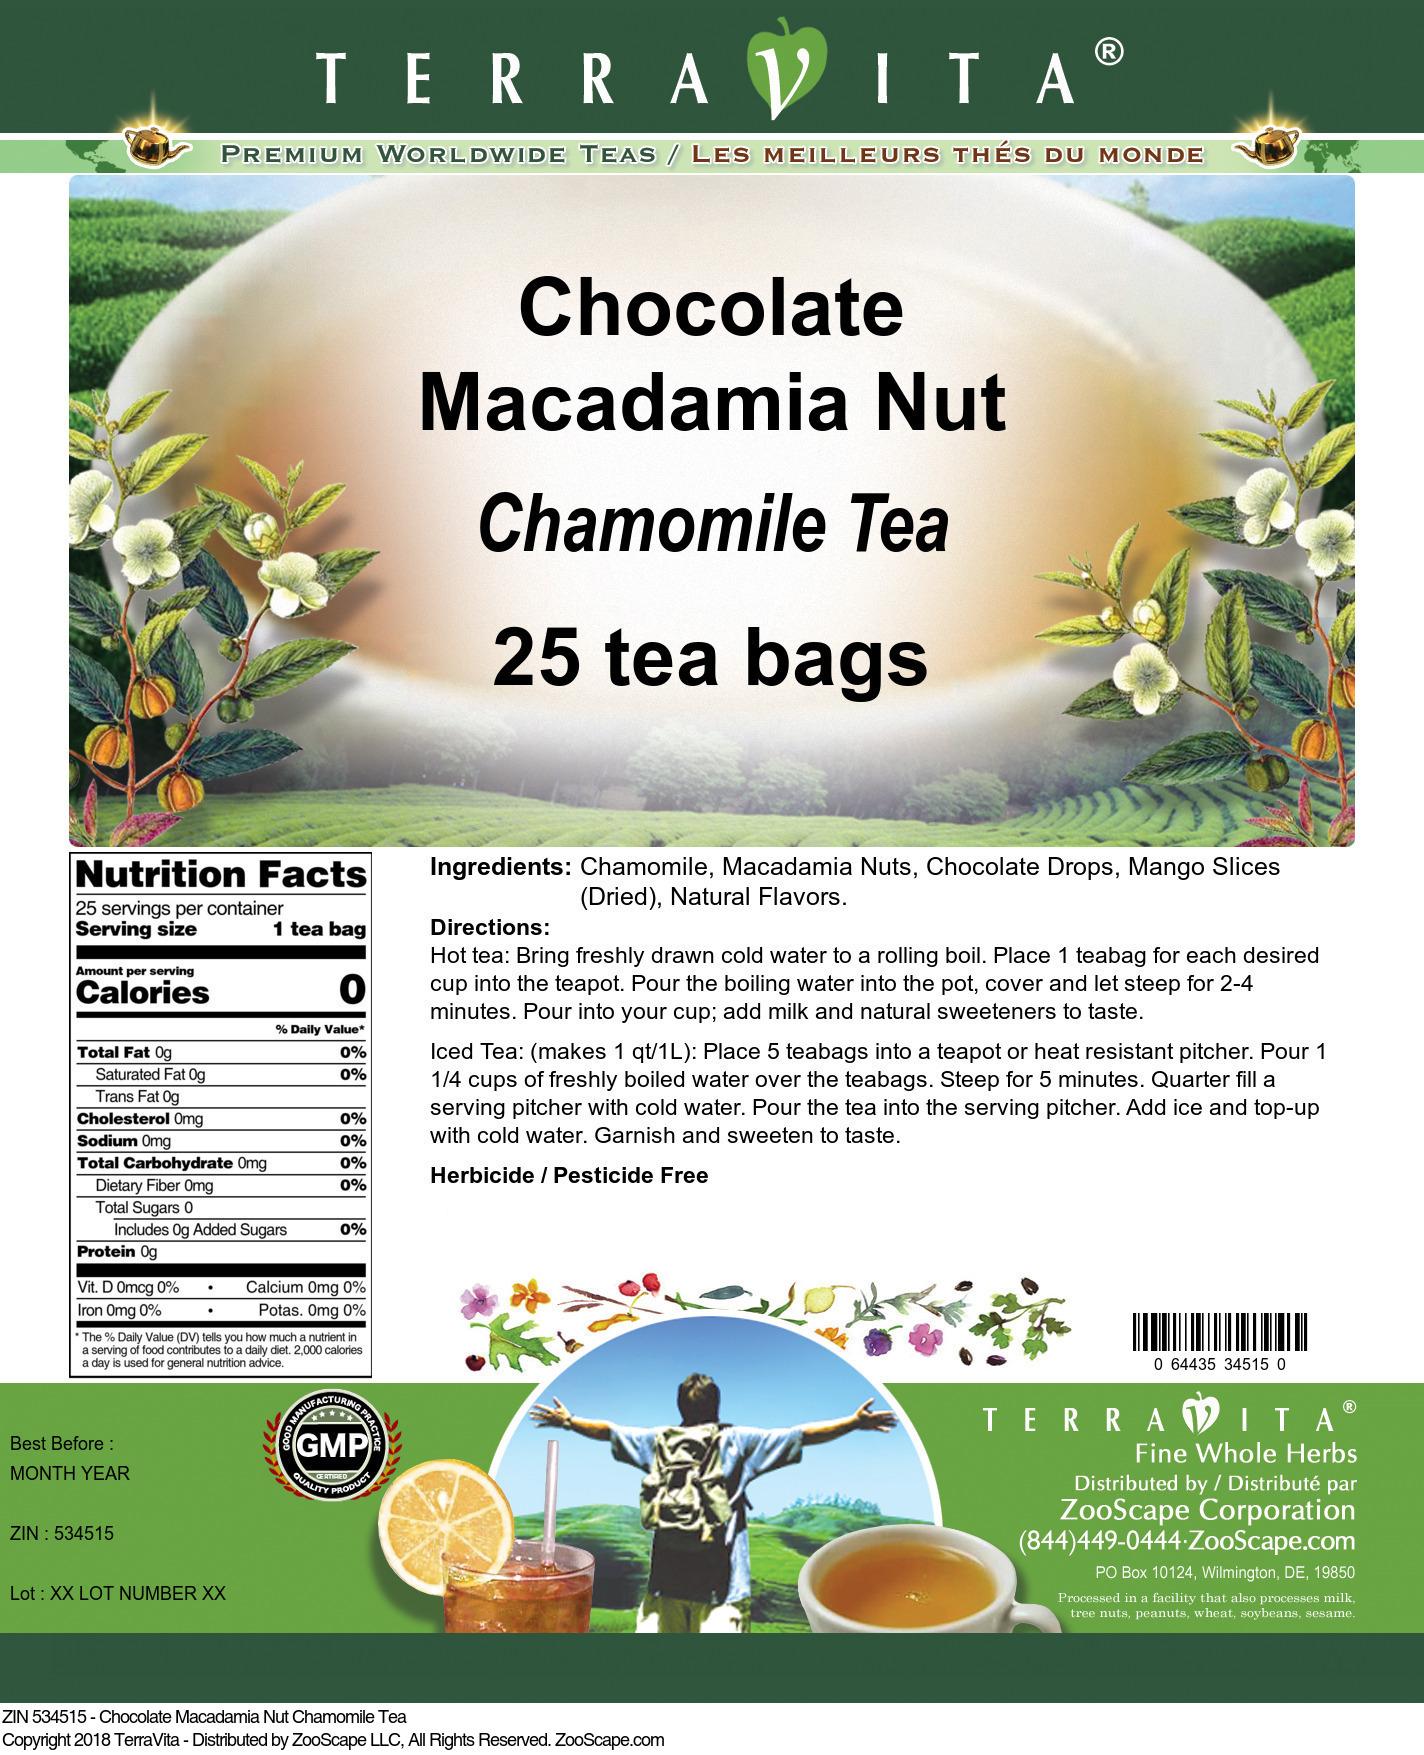 Chocolate Macadamia Nut Chamomile Tea